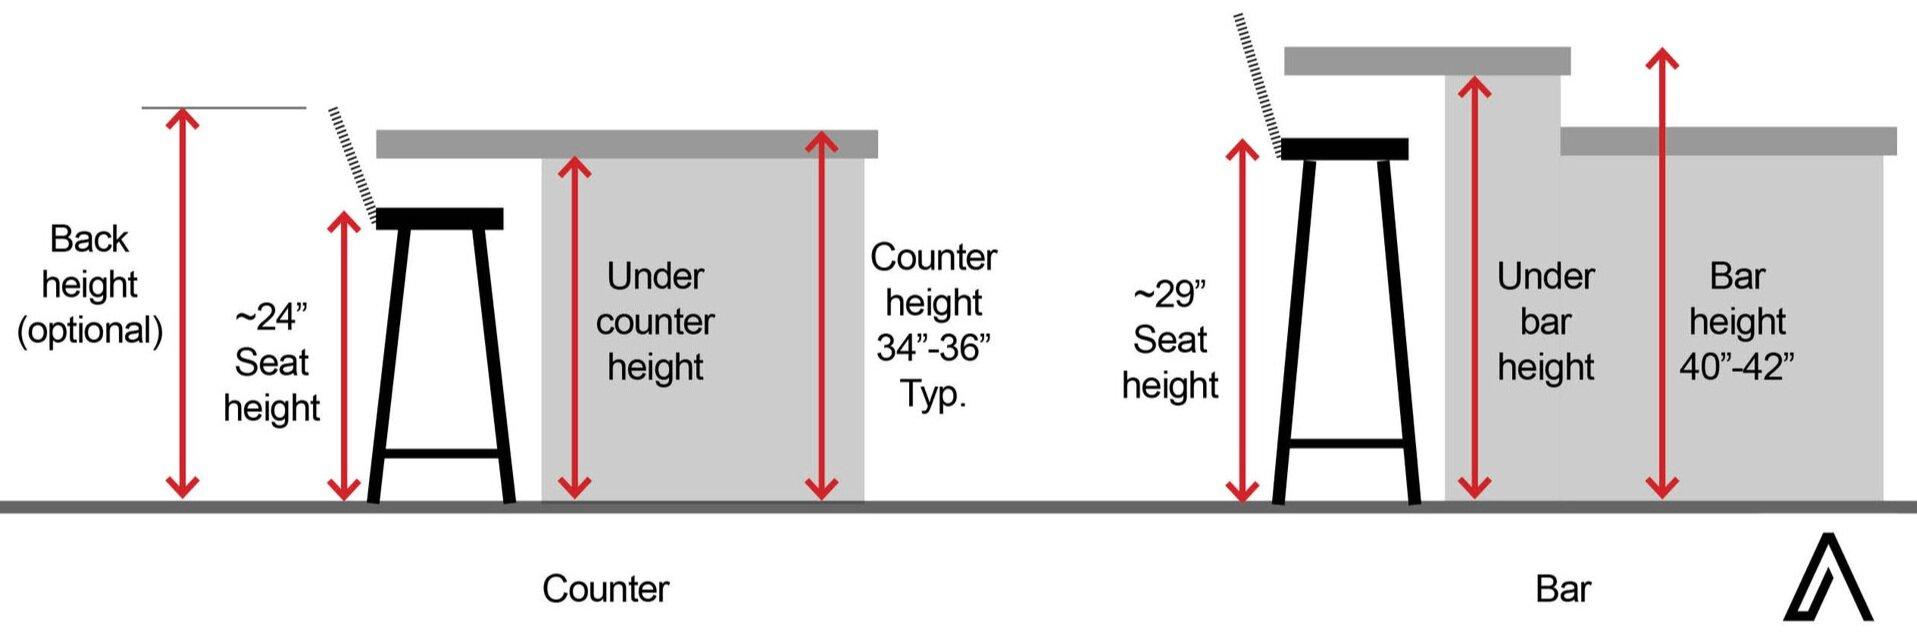 计数器图.JPG.